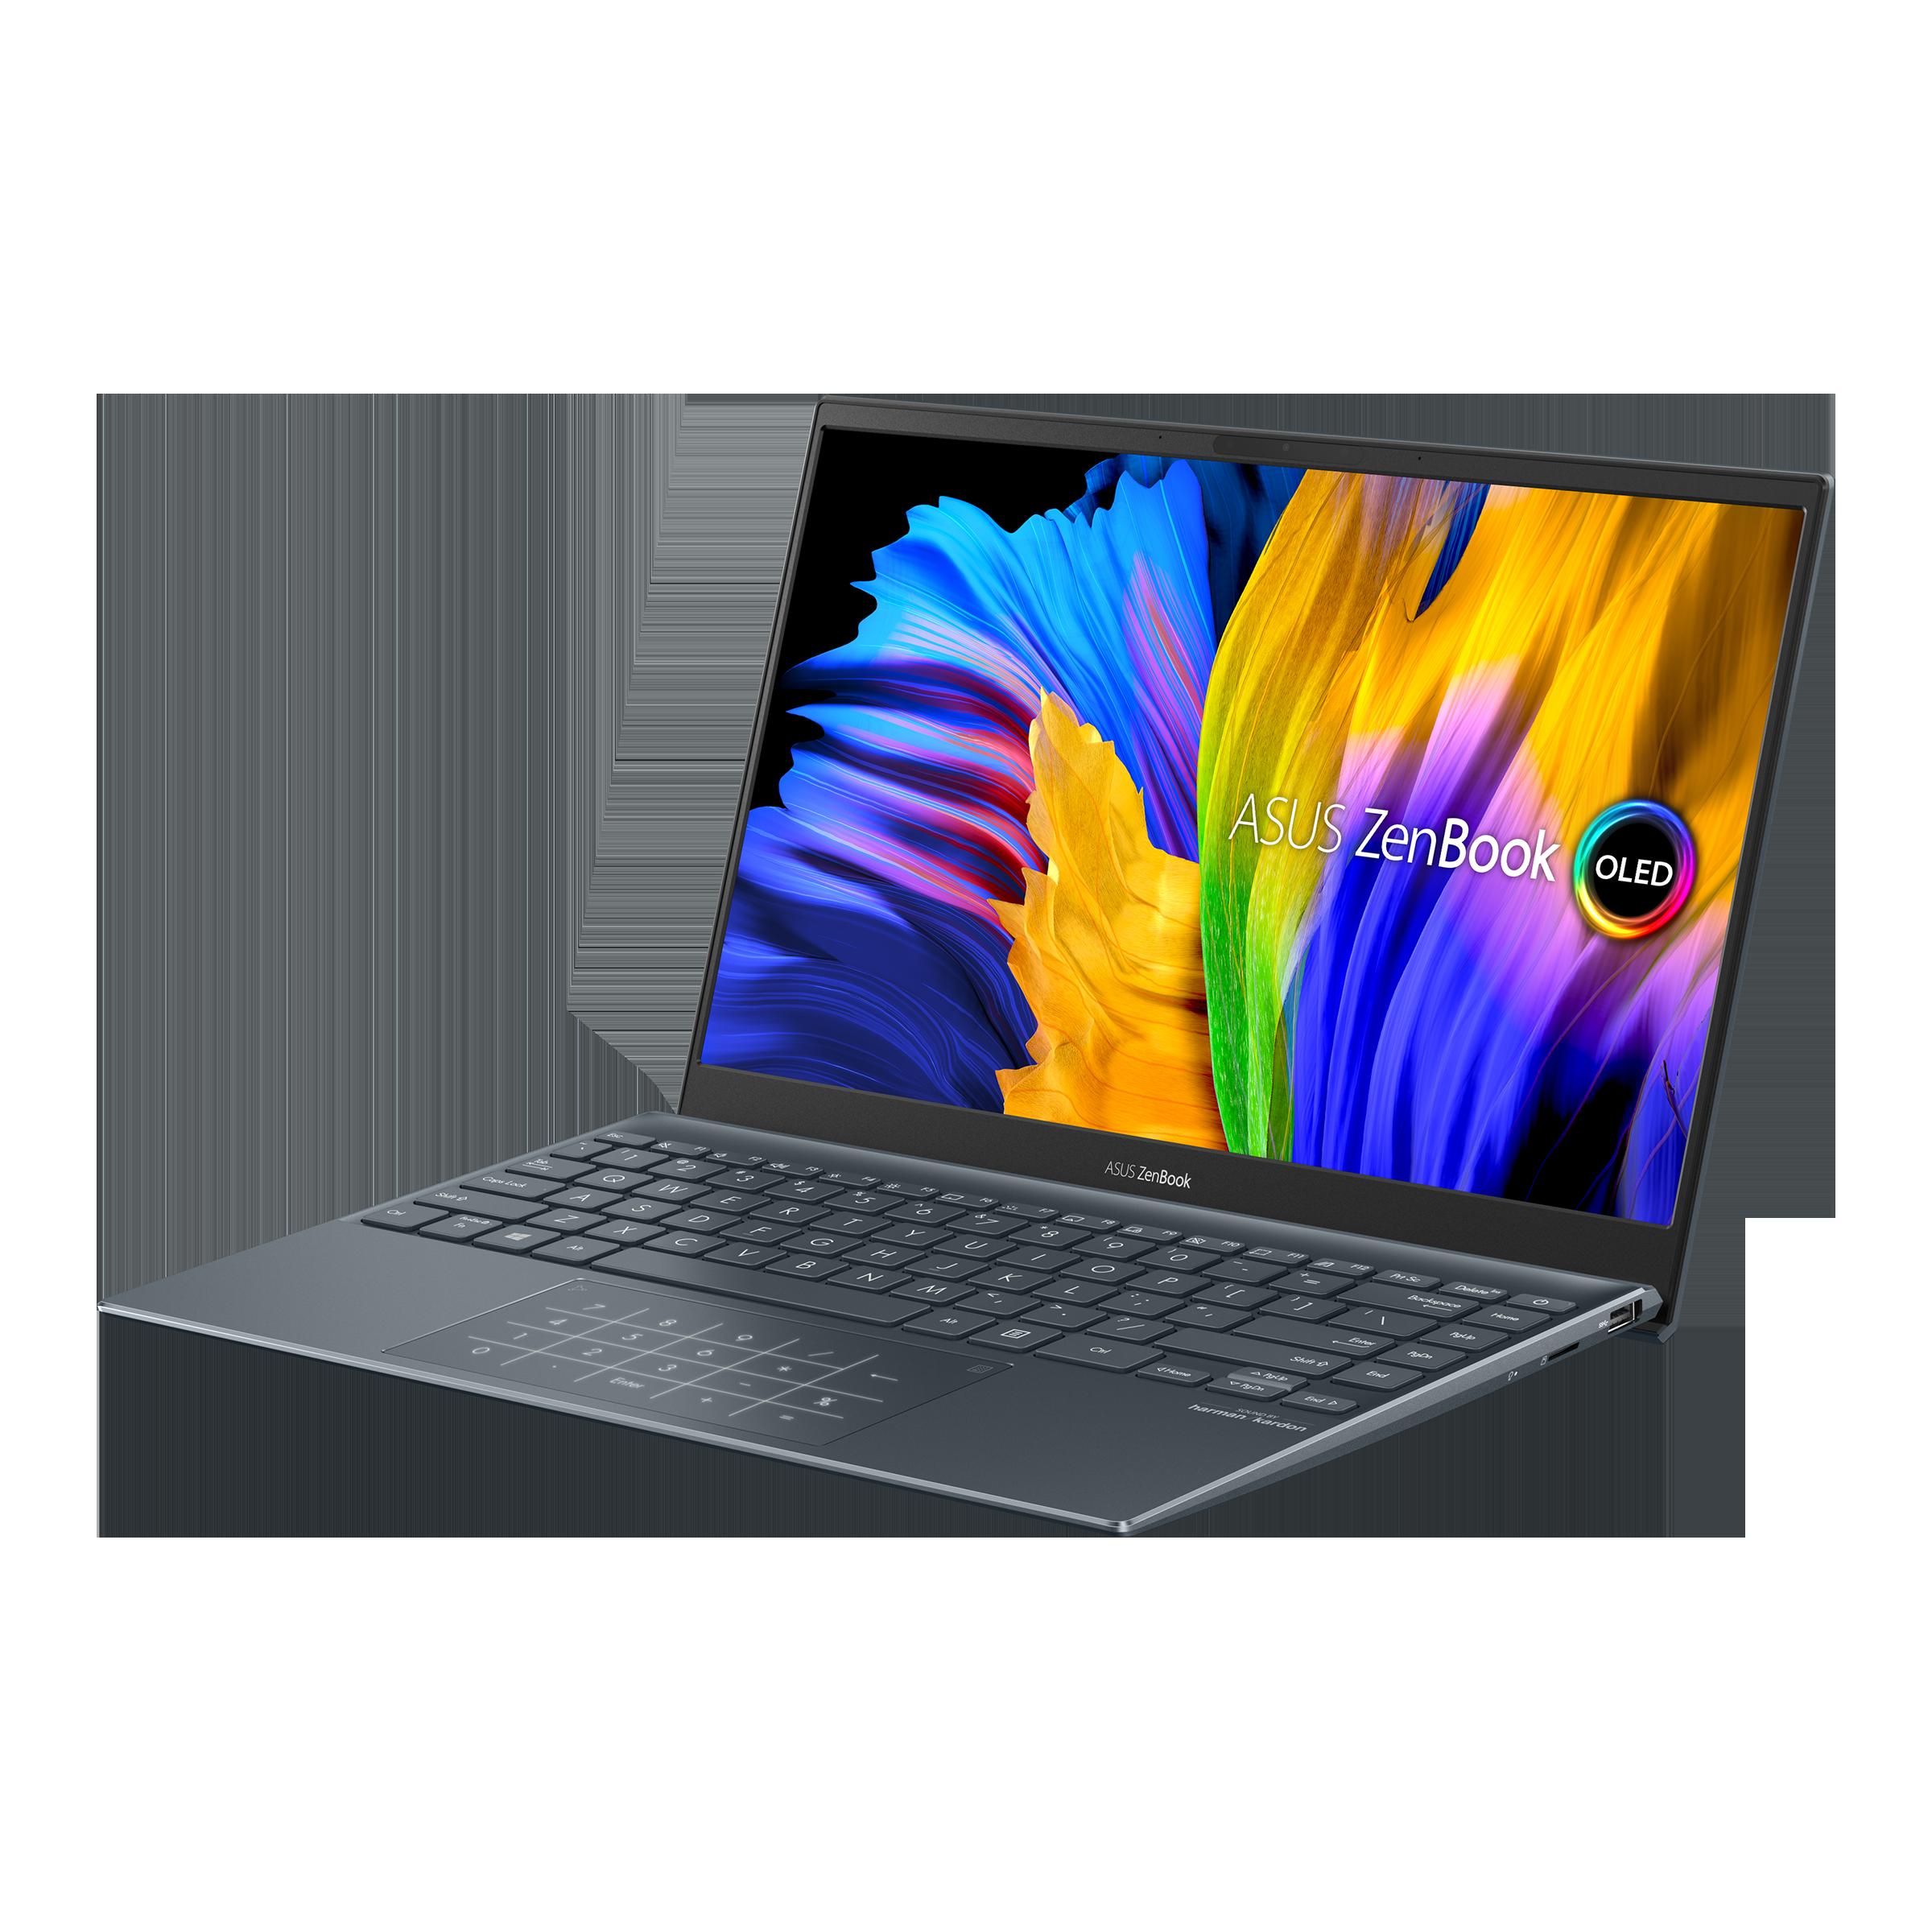 Zenbook 13 OLED (UM325) Laptops For Home ASUS Global